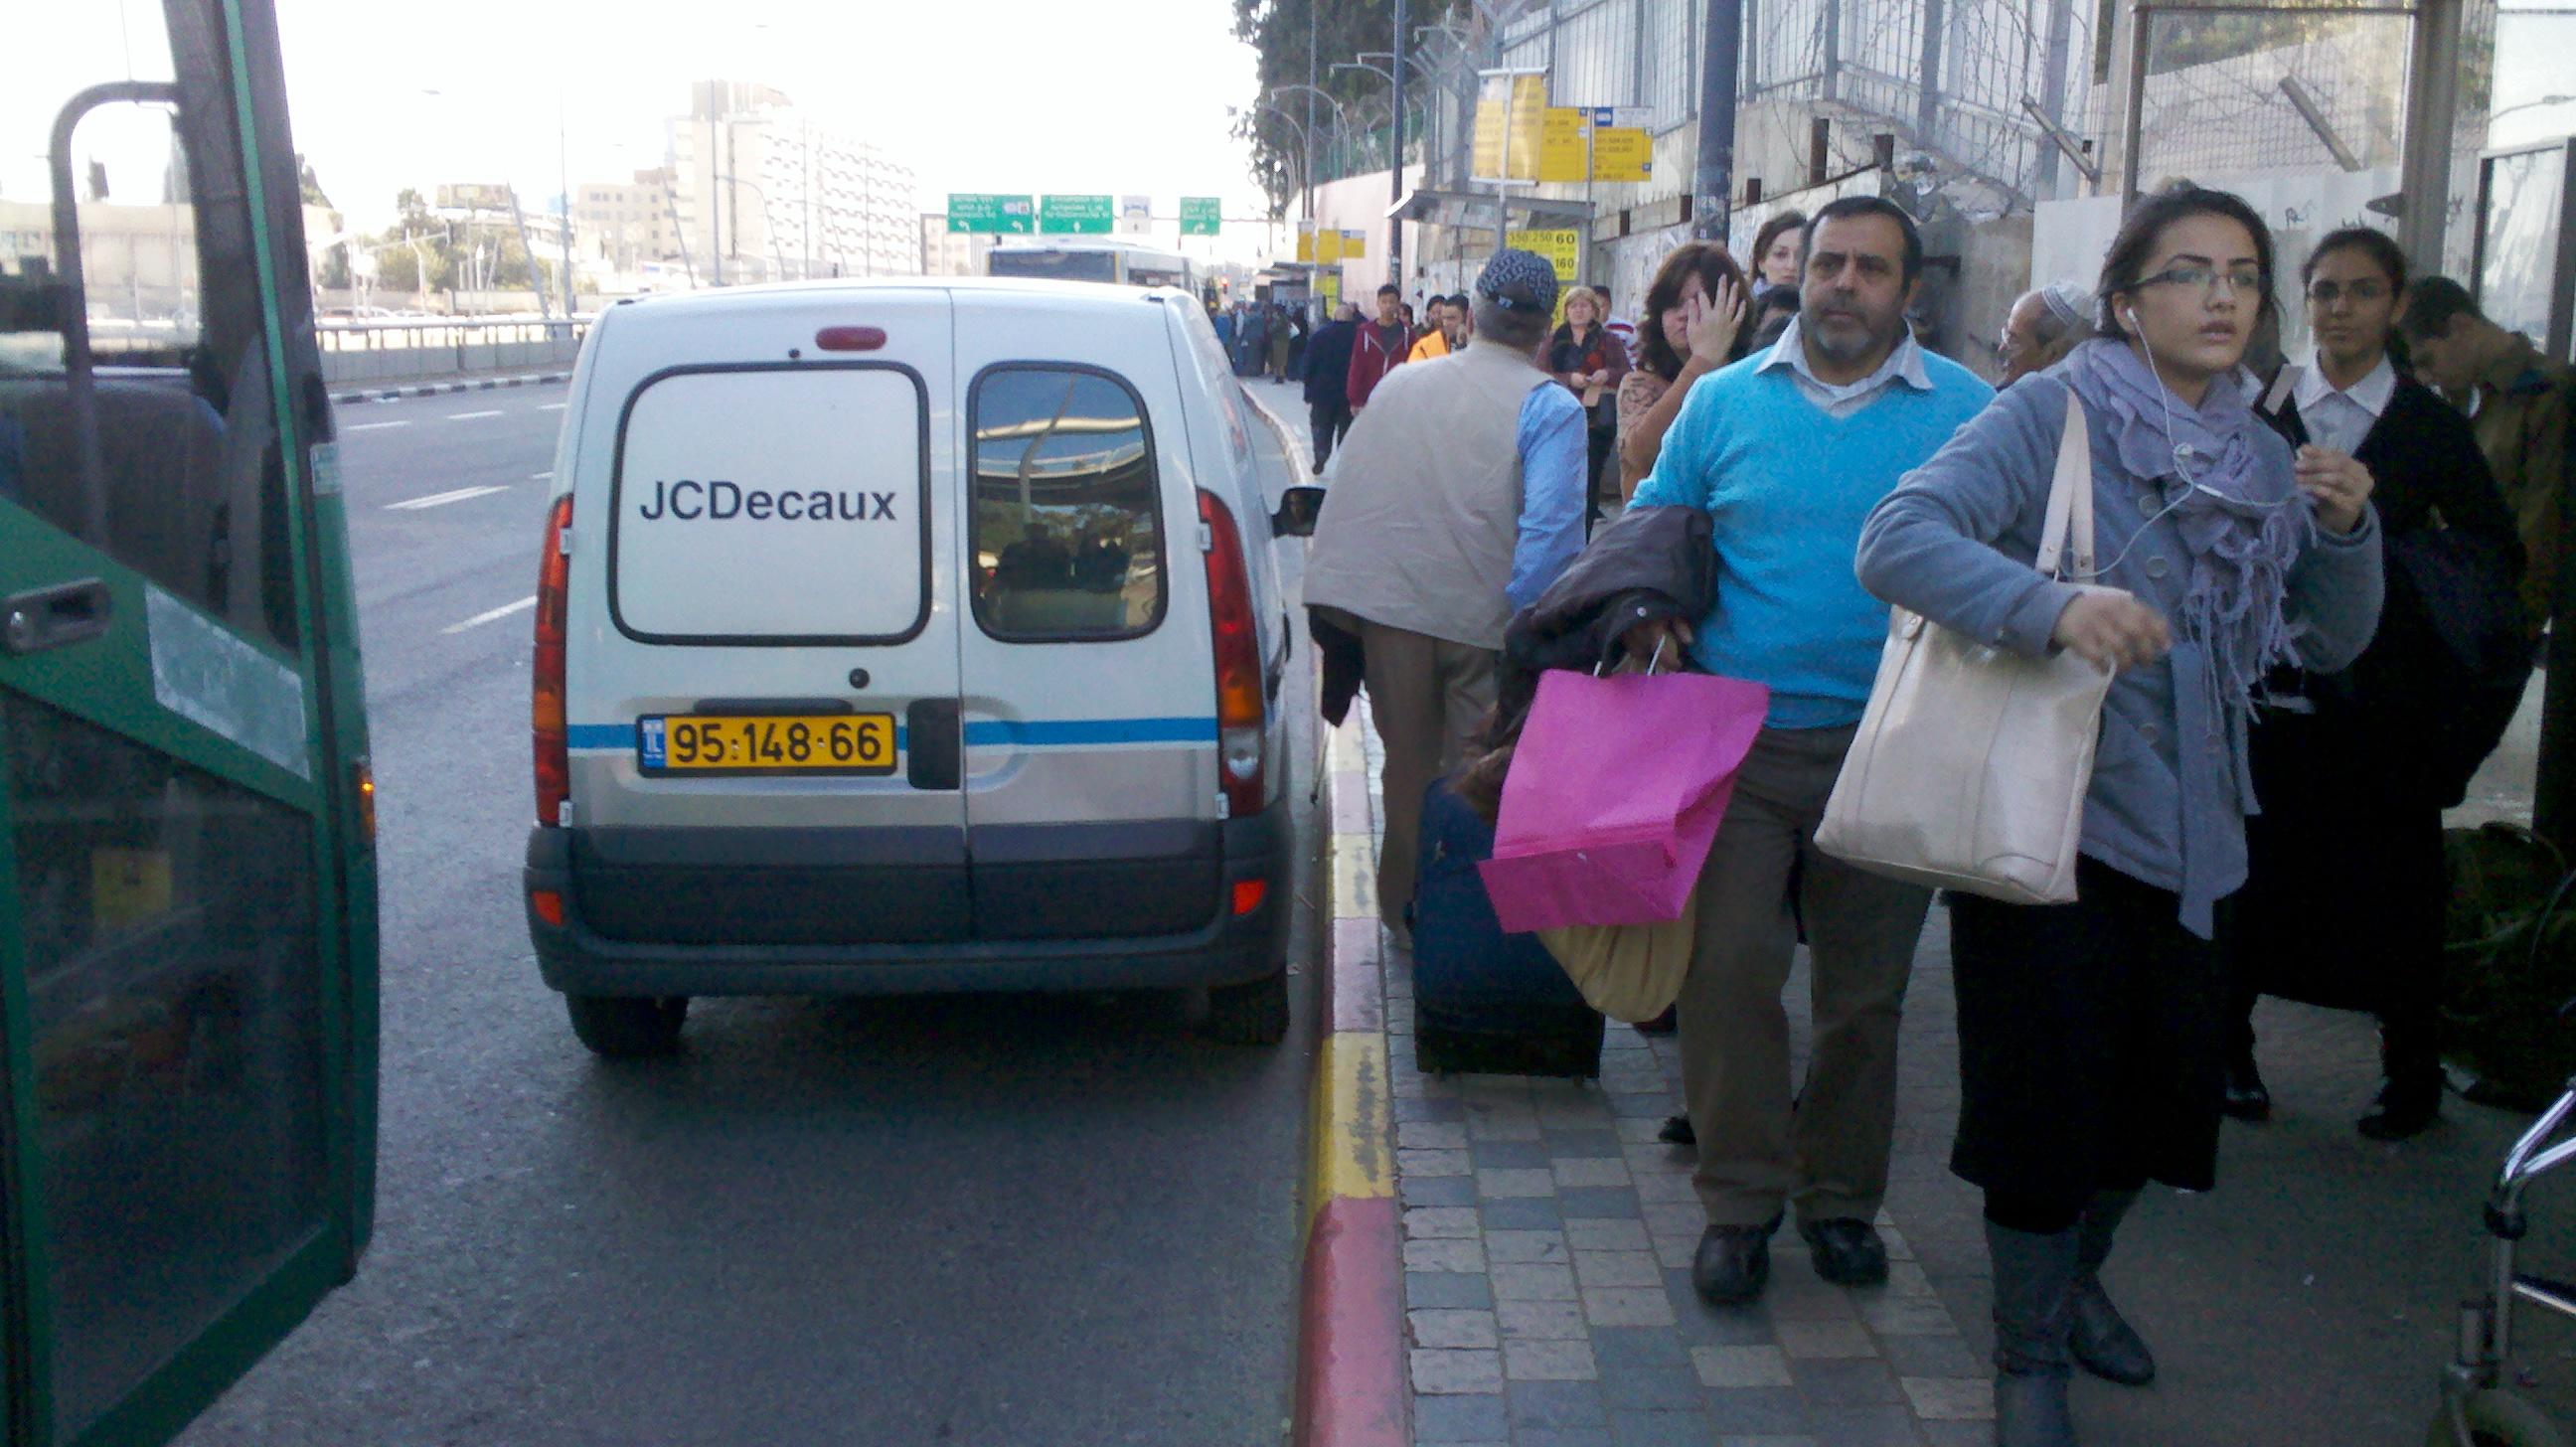 מדרכה צרה בלתי מספקת, עומס בלתי נסבל בעת ההמתנה לאוטובוס